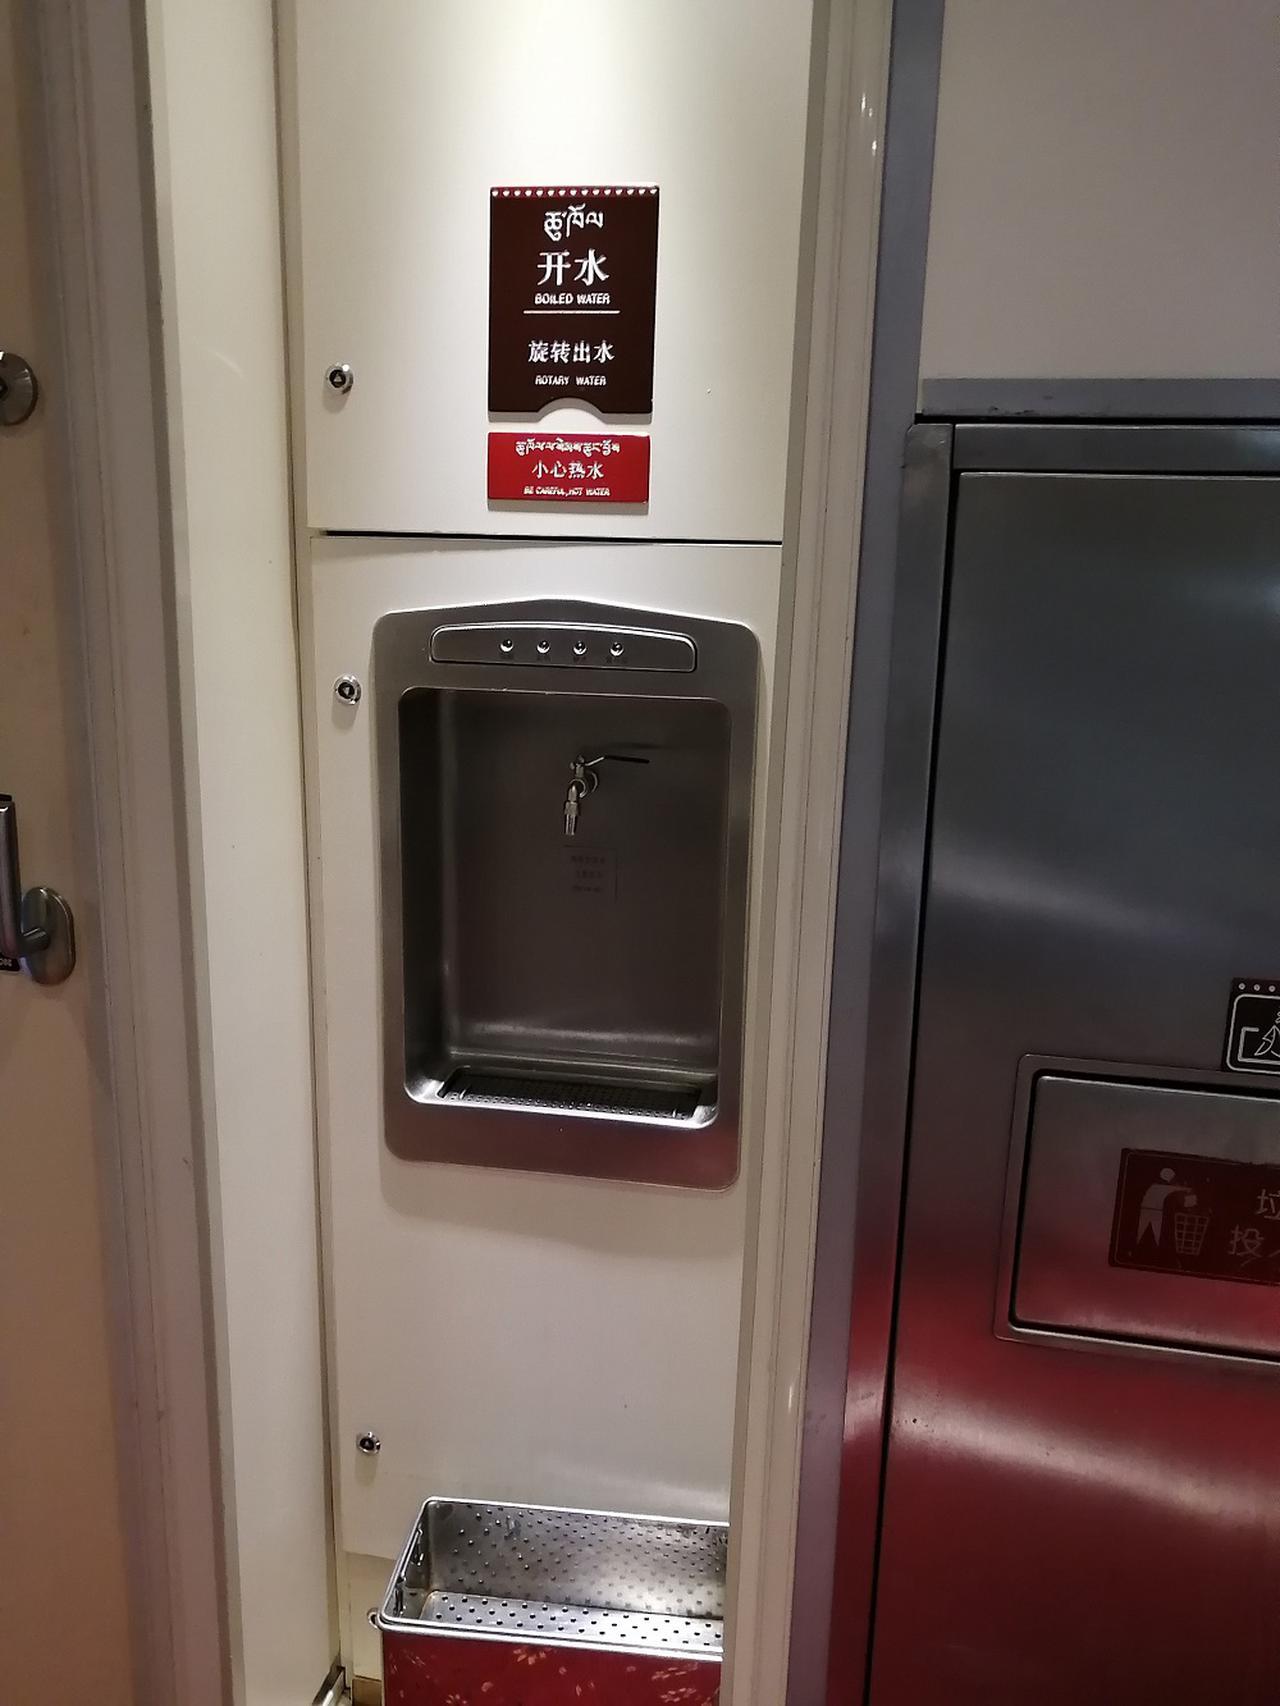 画像: 給湯口も各車両に1つ設置。中国語で「開水」は熱湯の意味。お湯がでます。